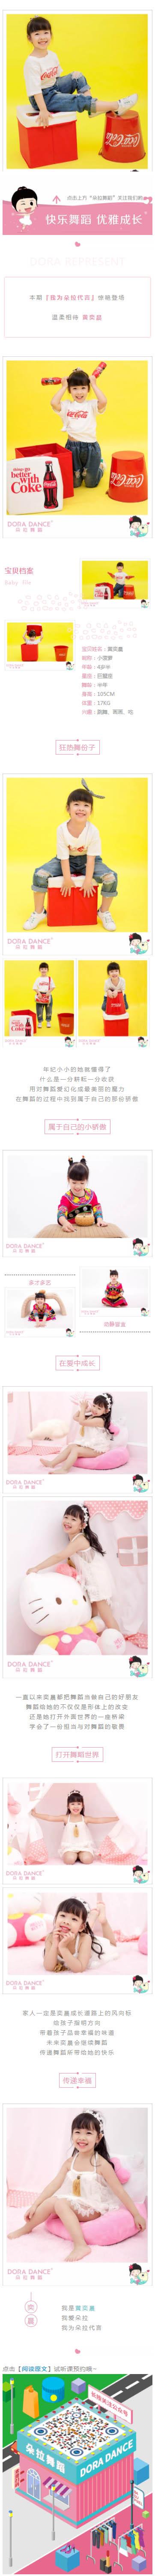 舞蹈小同学多彩可爱卡通个人摄影写真